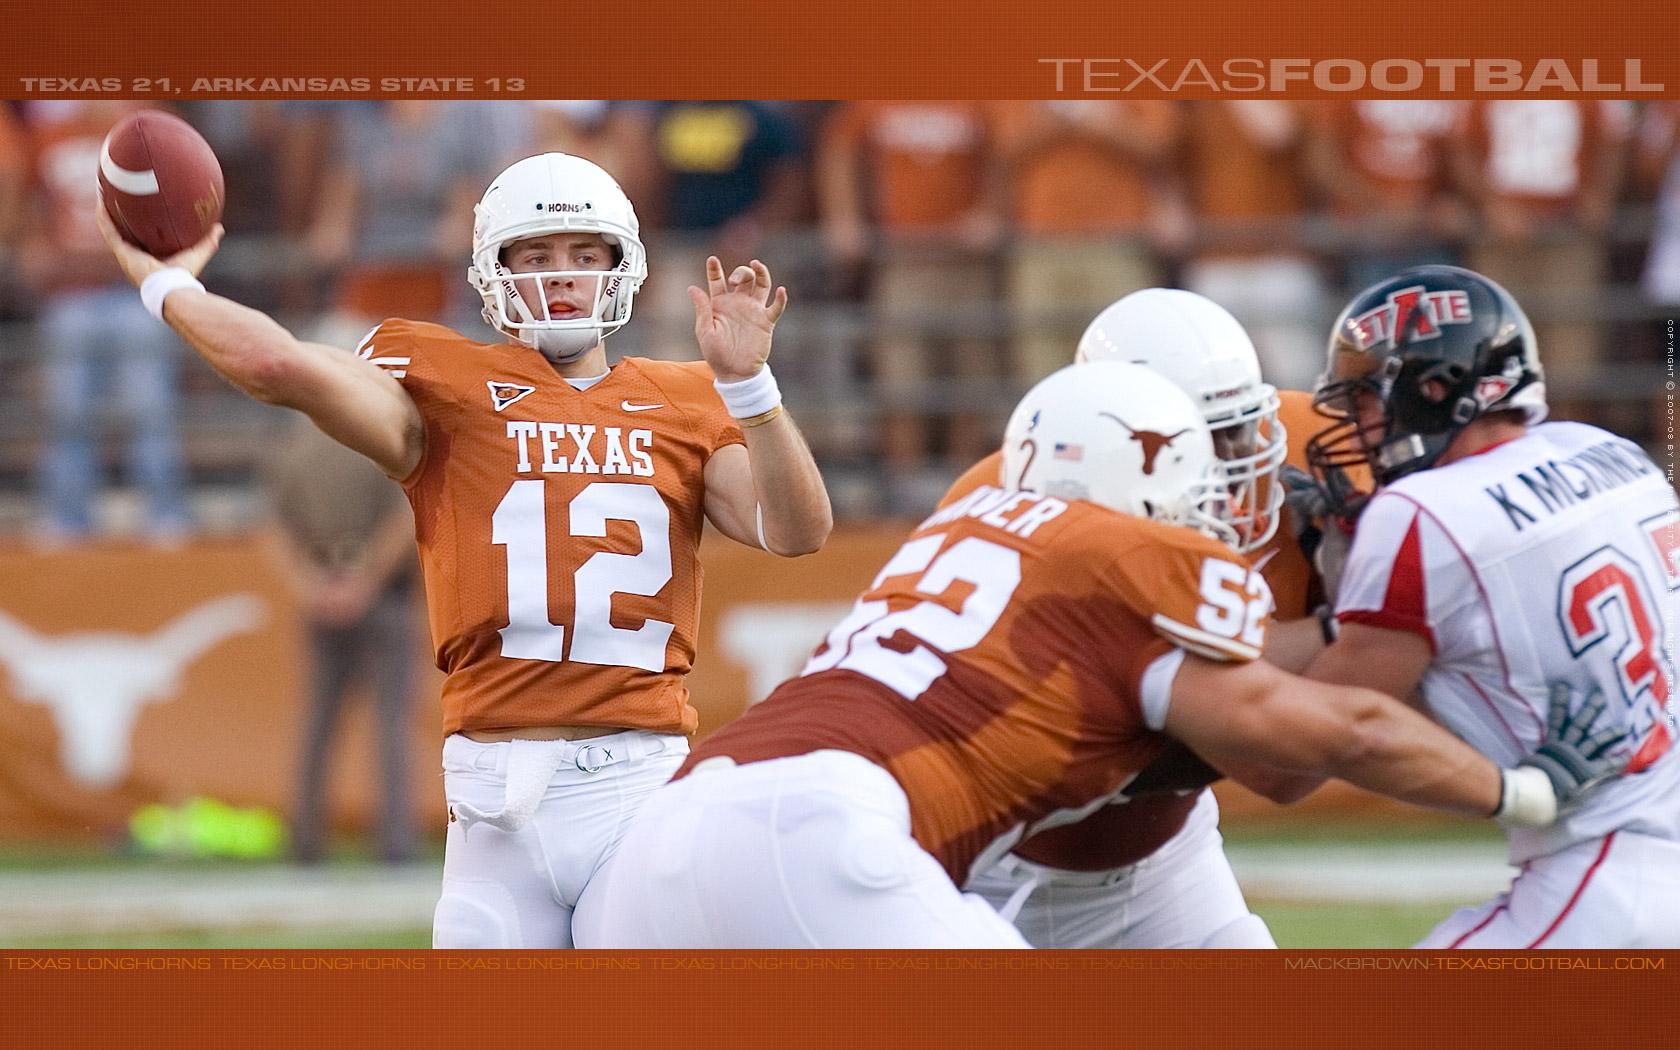 Texas Longhorns Football Wallpaper 1680x1050